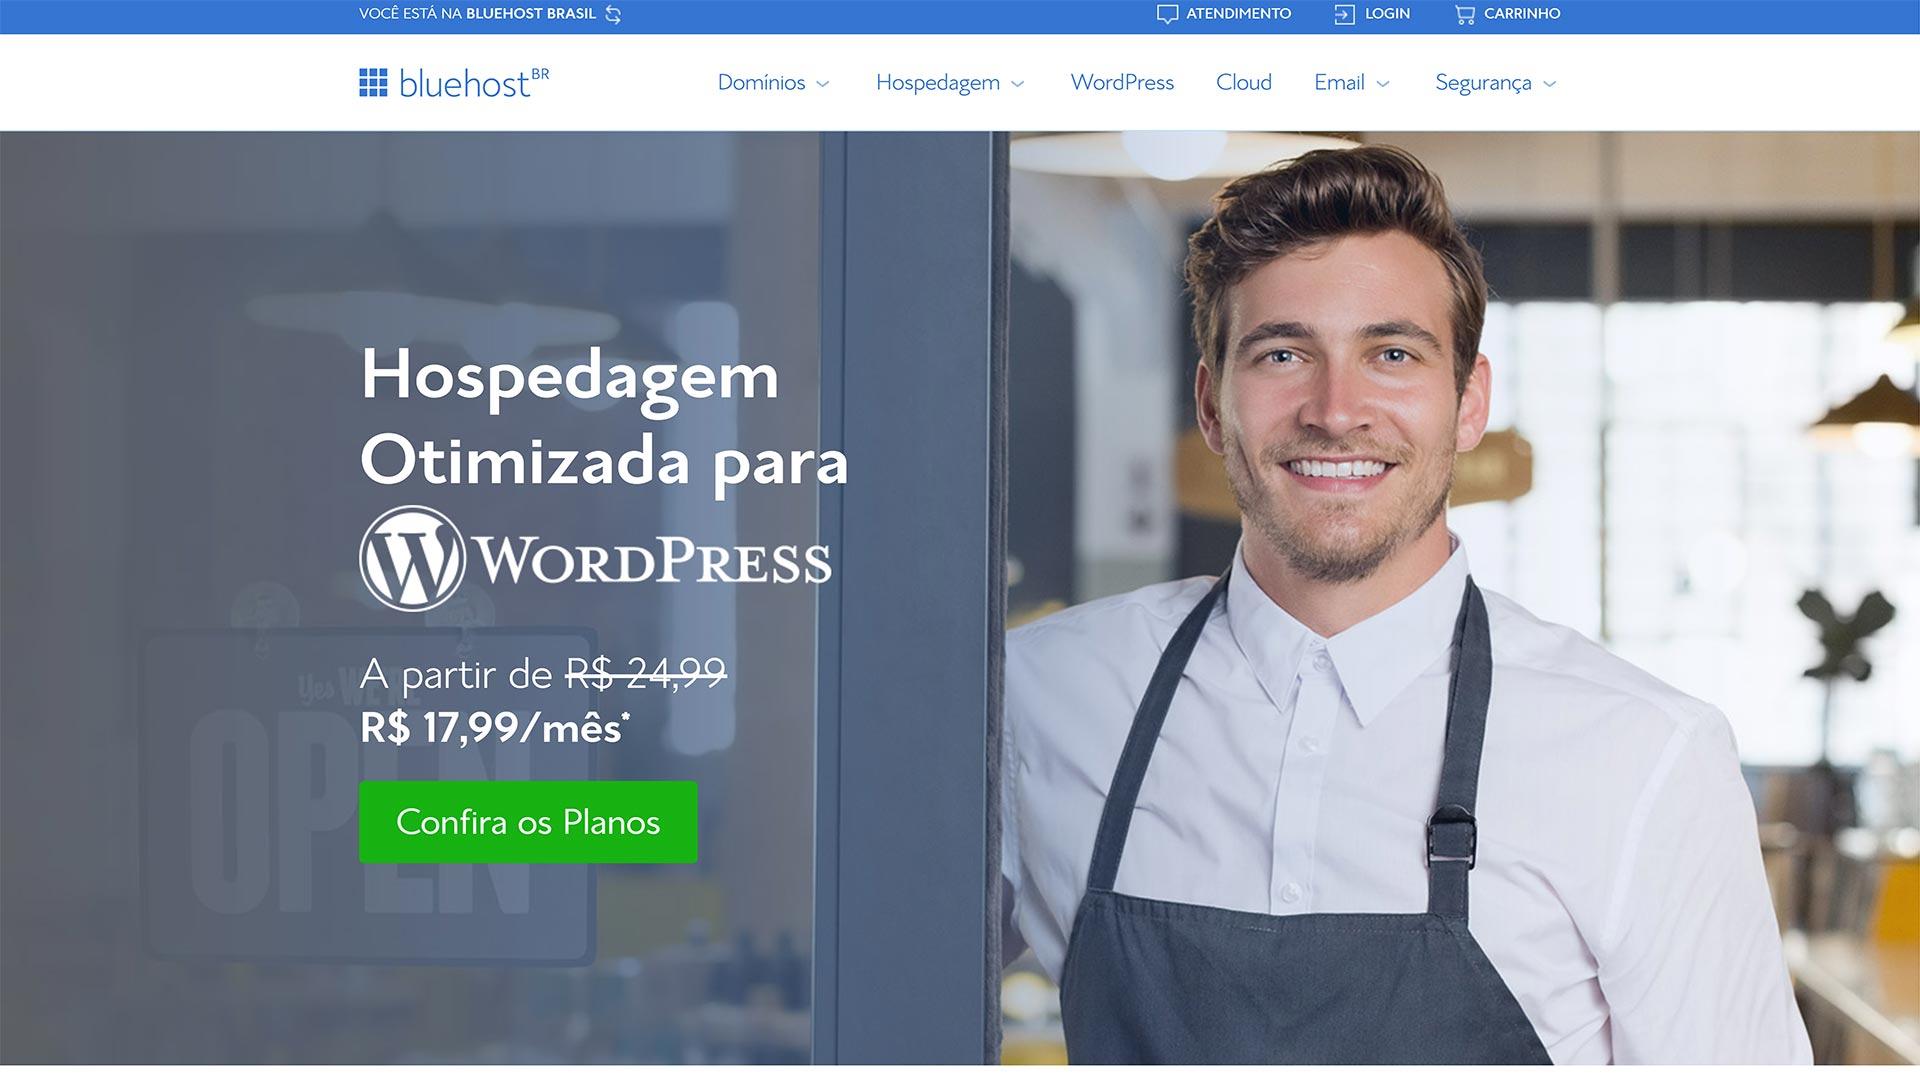 bluehost hospedagem wordpress